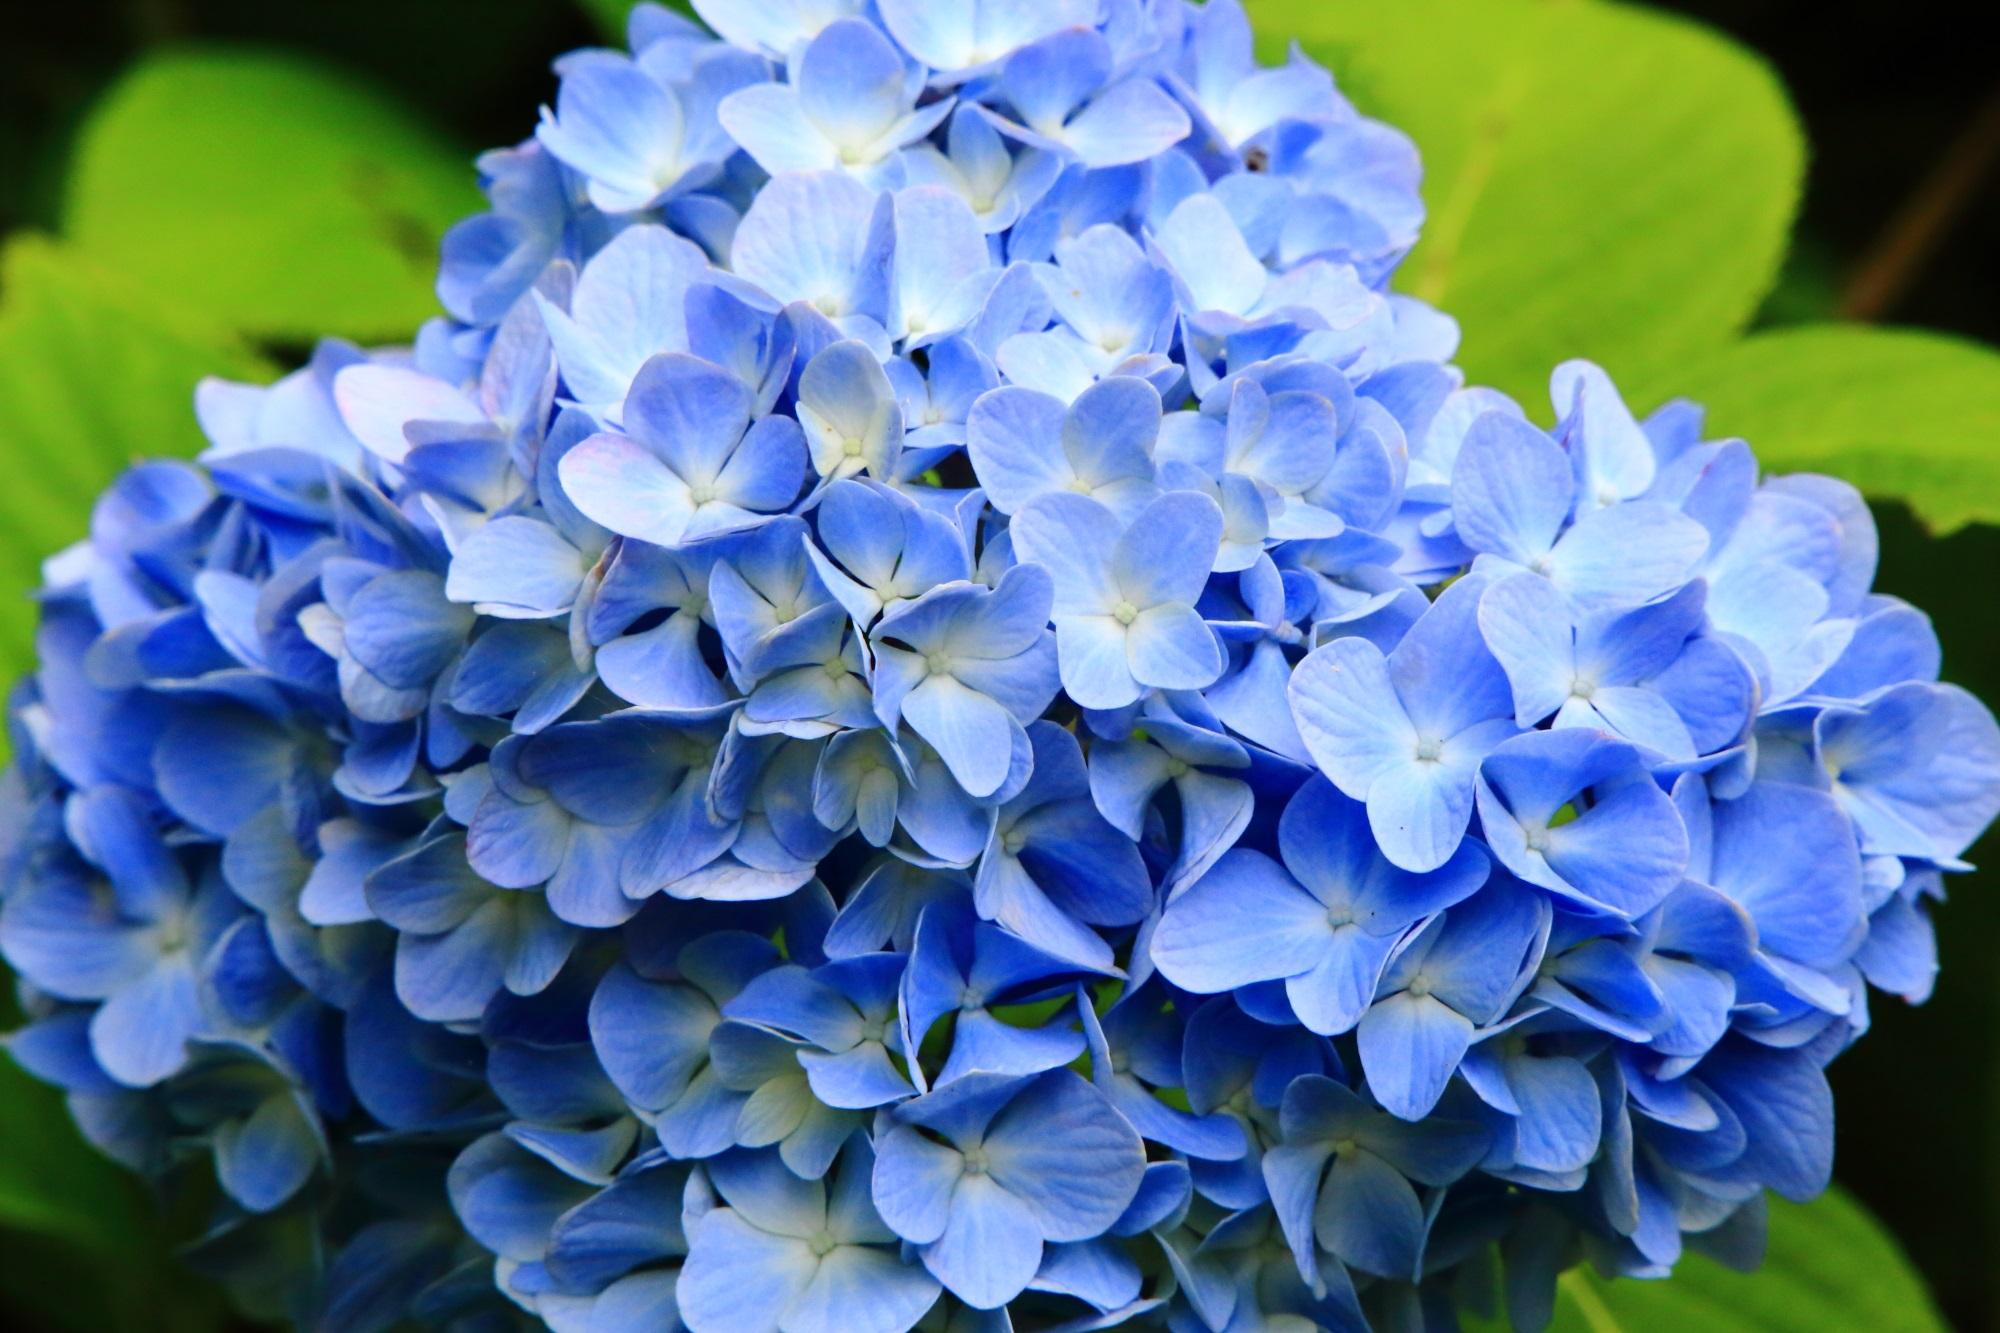 舞鶴自然文化園の淡く優しい水色の紫陽花